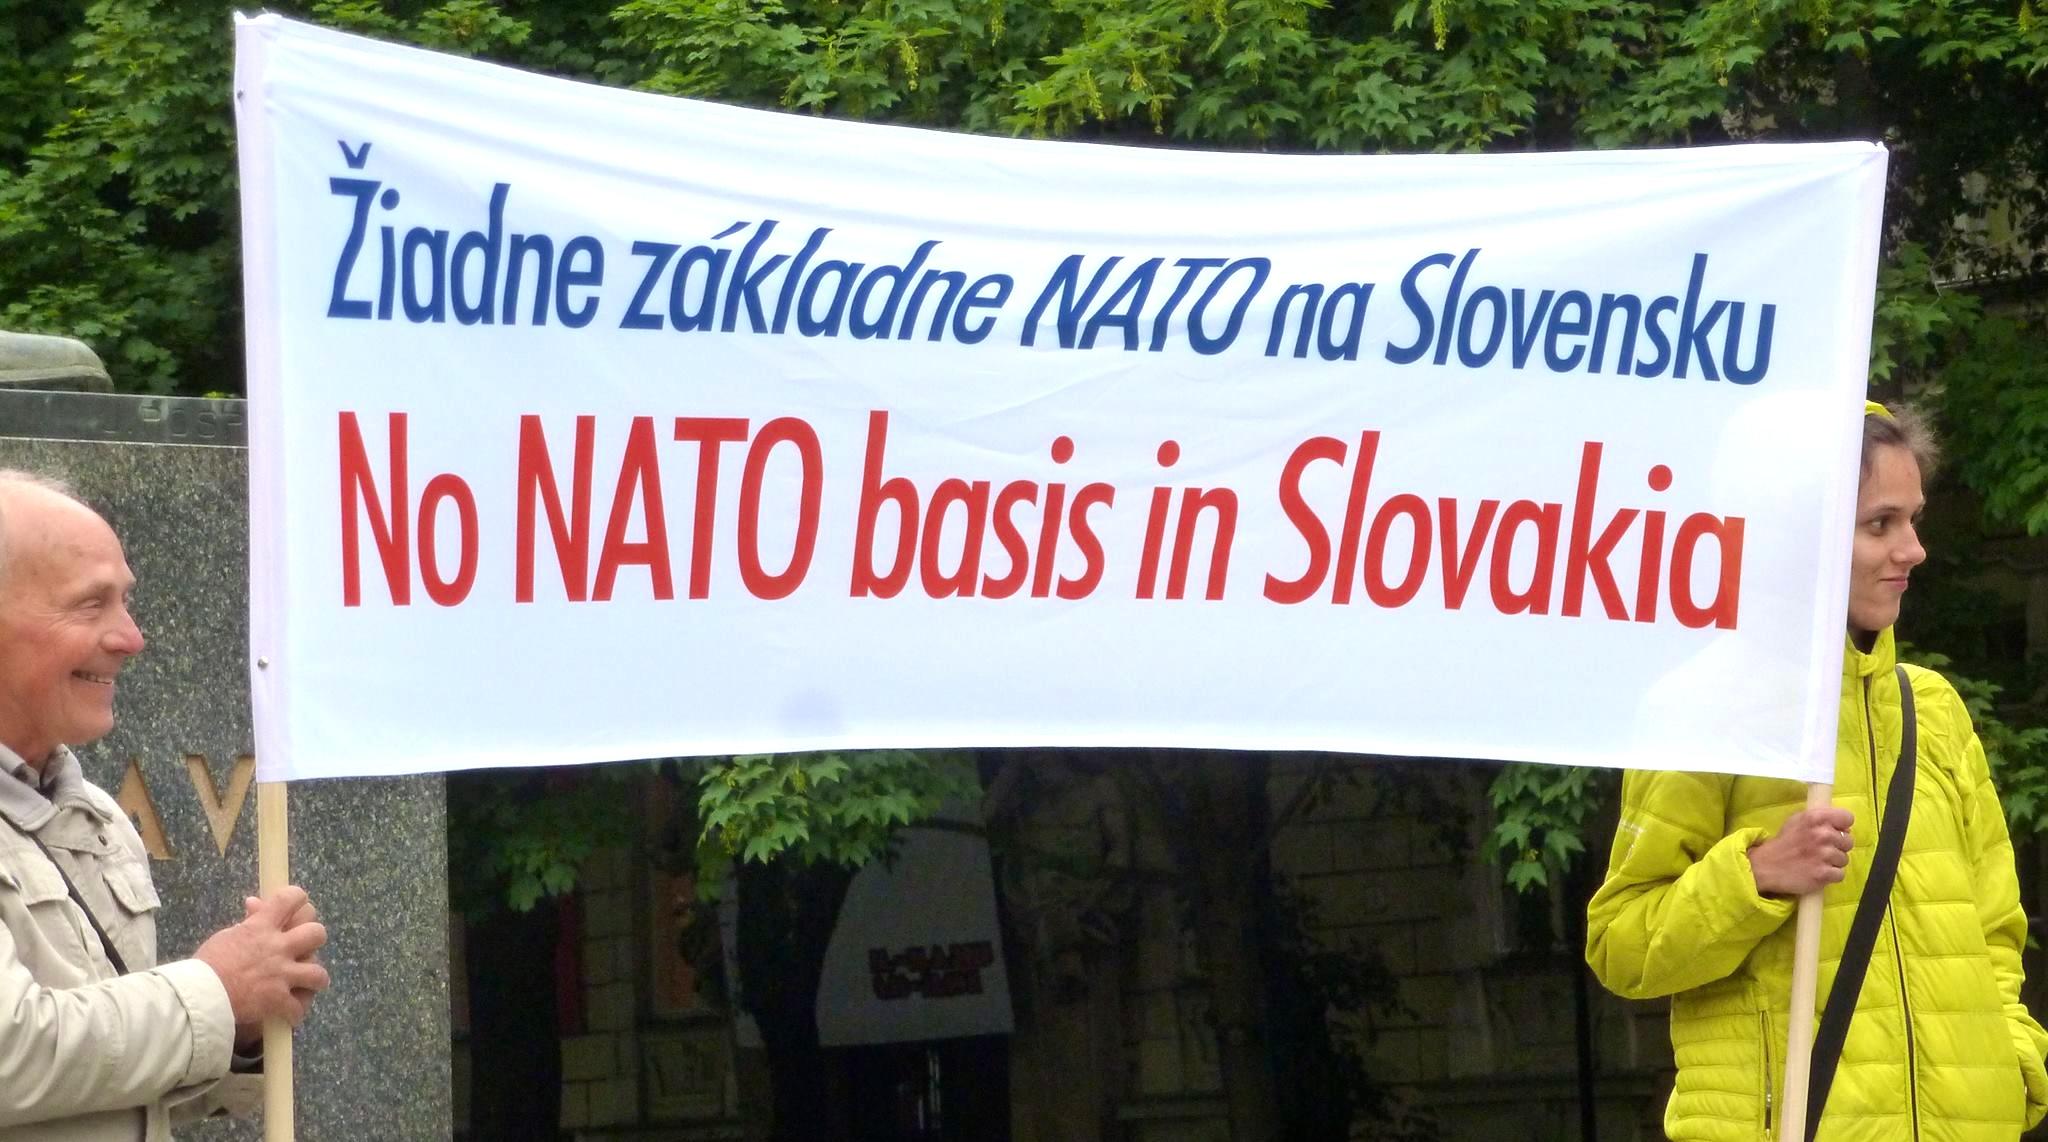 Slovensko bez cudzích vojenských základní? Jednoznačné riešenie: neutralita. (Foto: archív)